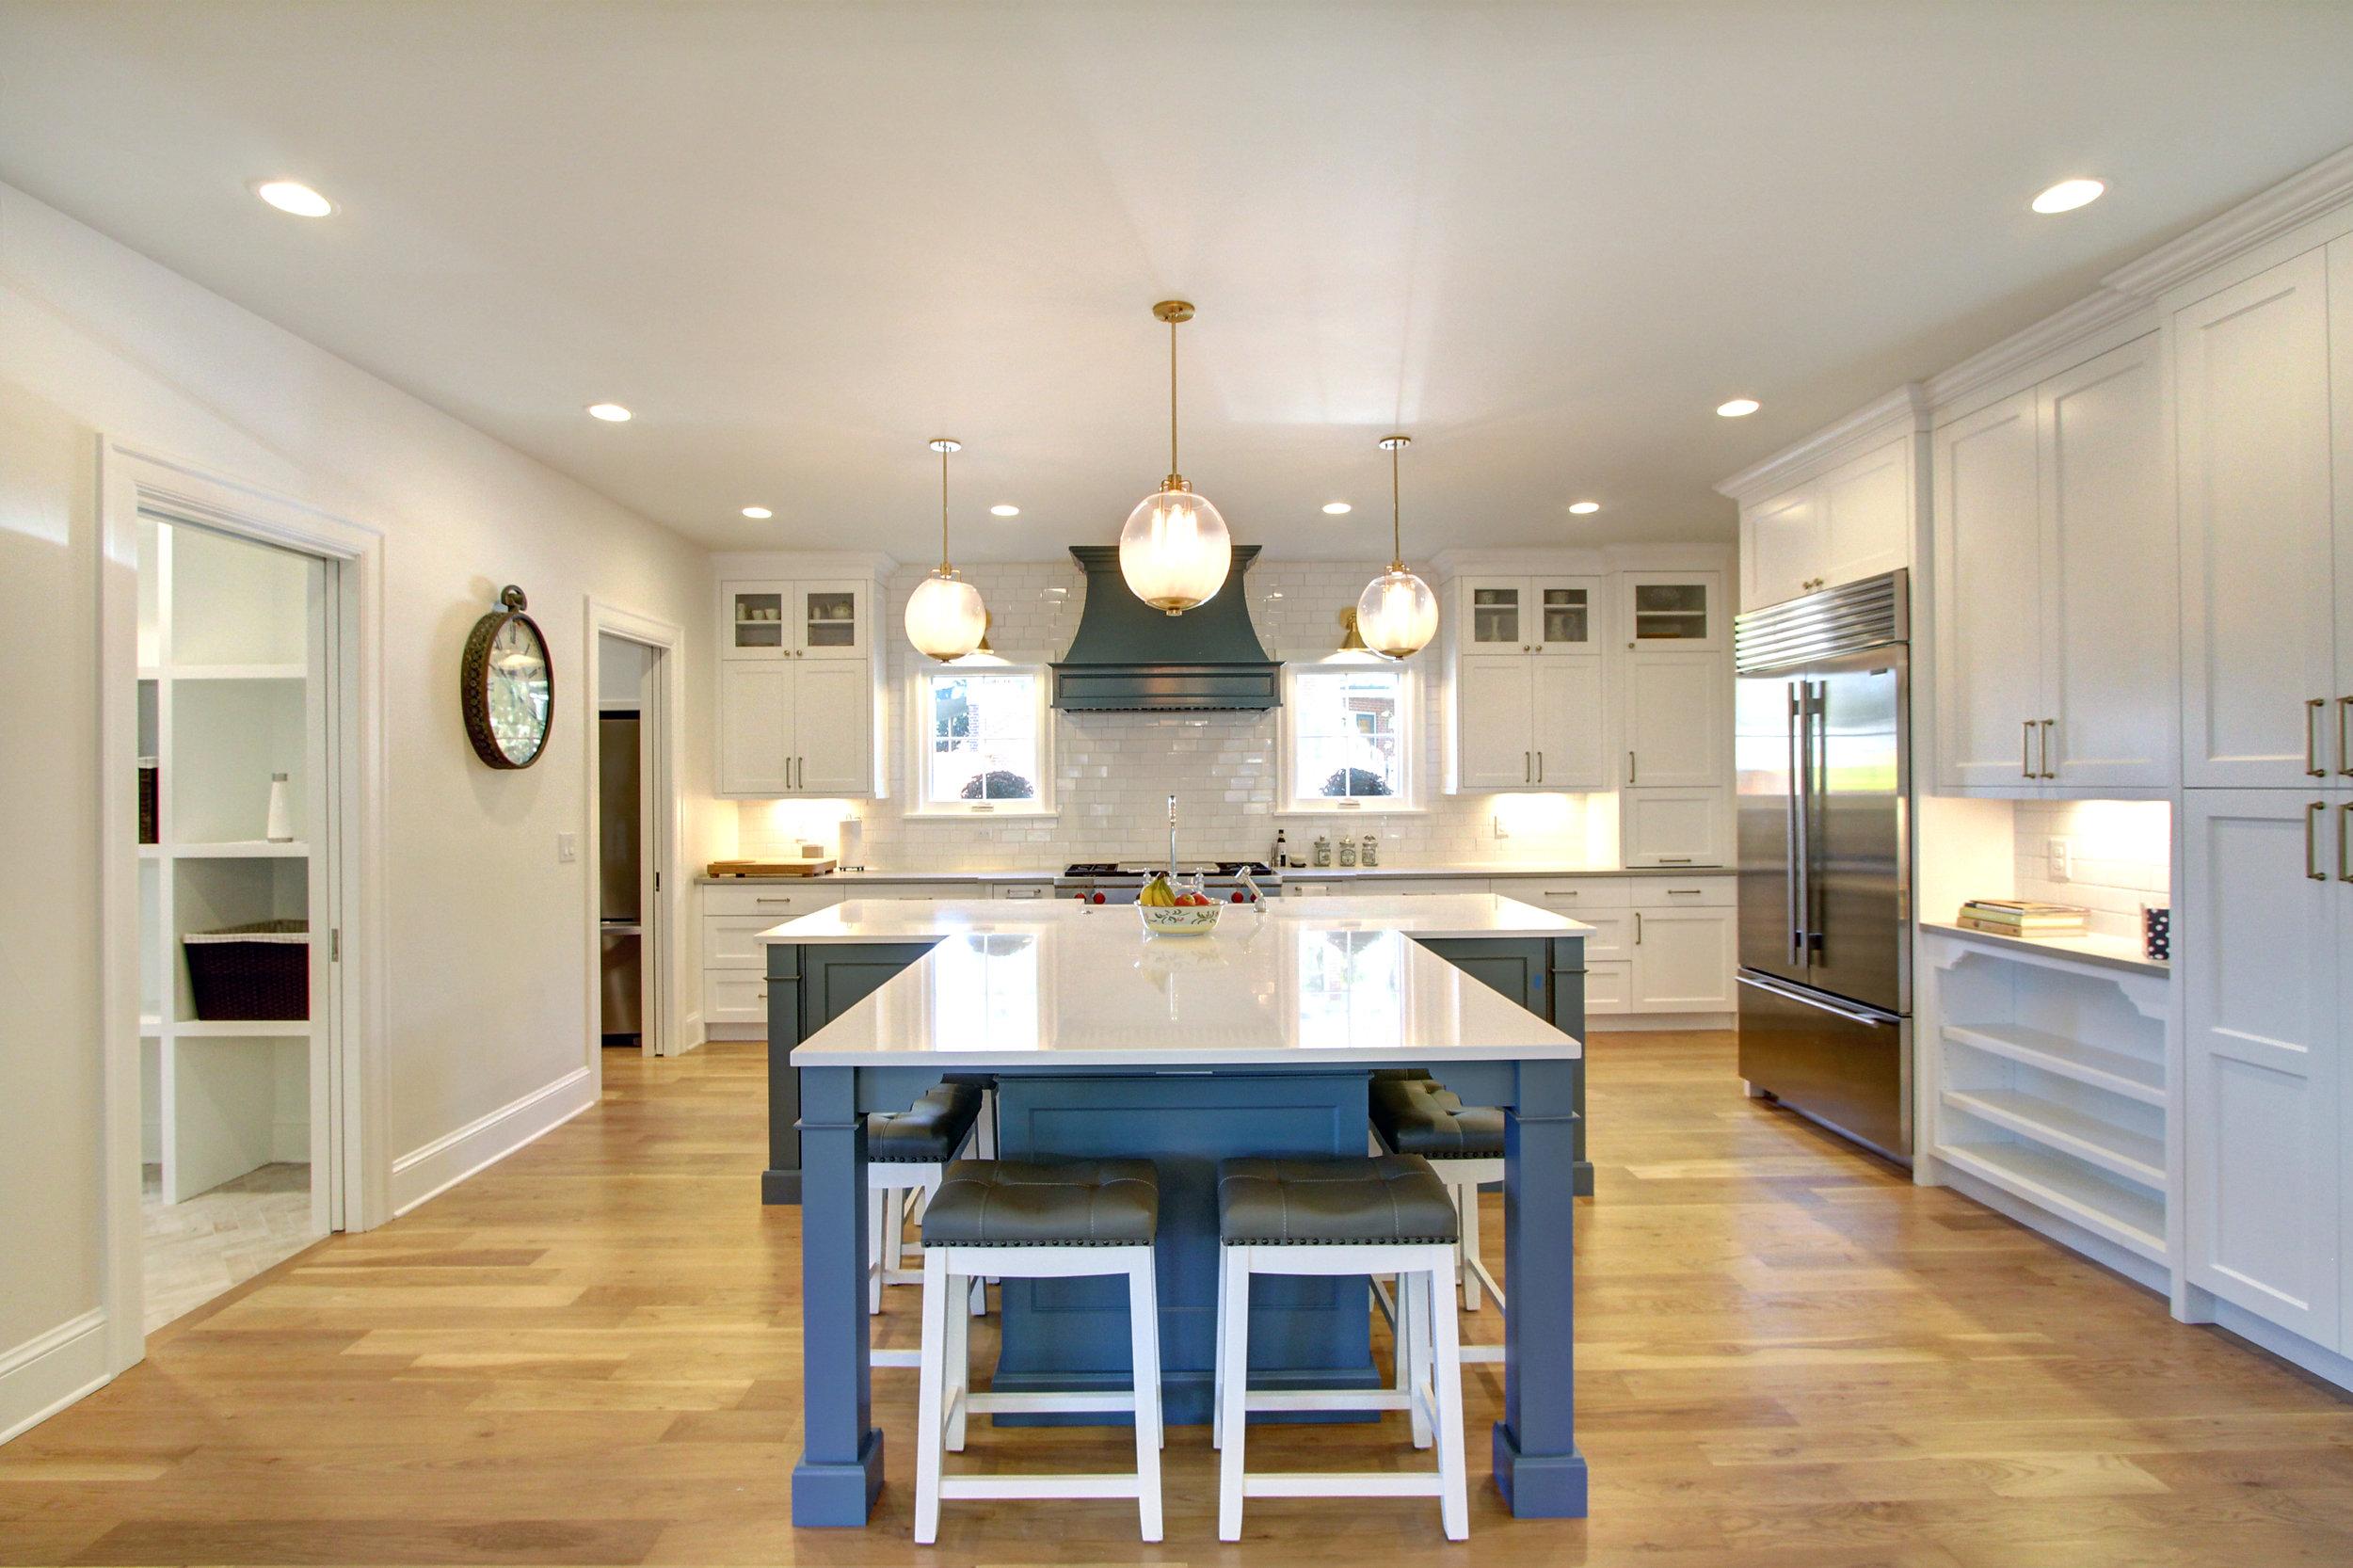 1305 VIne kitchen 3.jpg